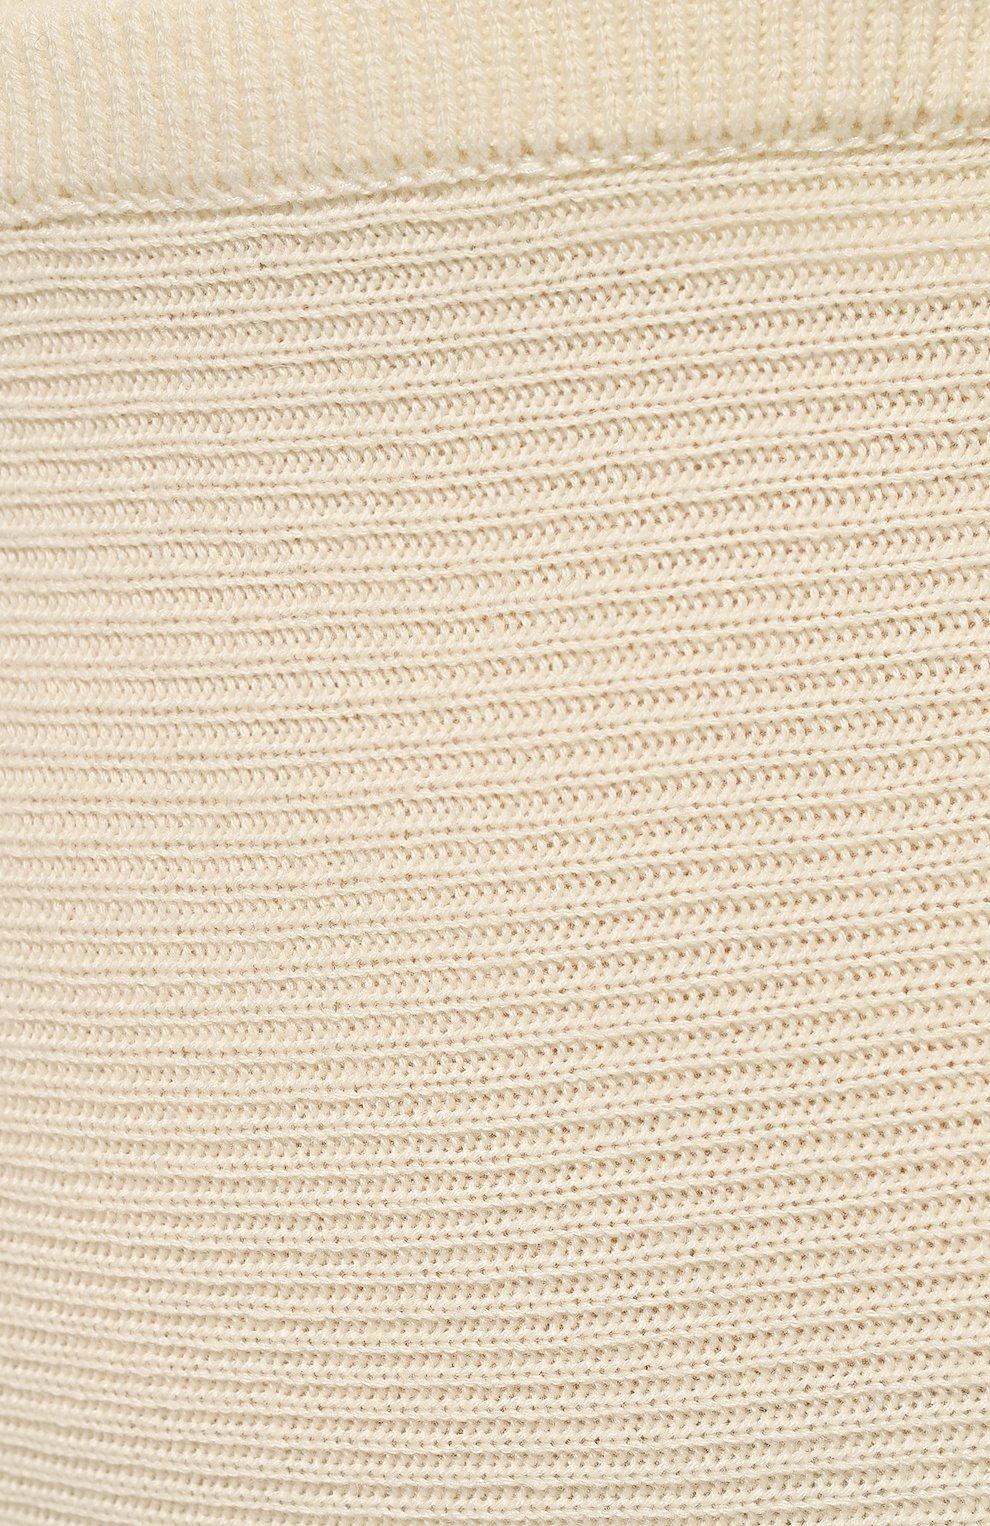 Женская кашемировая юбка ADDICTED белого цвета, арт. MK922   Фото 5 (Материал внешний: Шерсть; Кросс-КТ: Трикотаж; Длина Ж (юбки, платья, шорты): Миди; Статус проверки: Проверено)